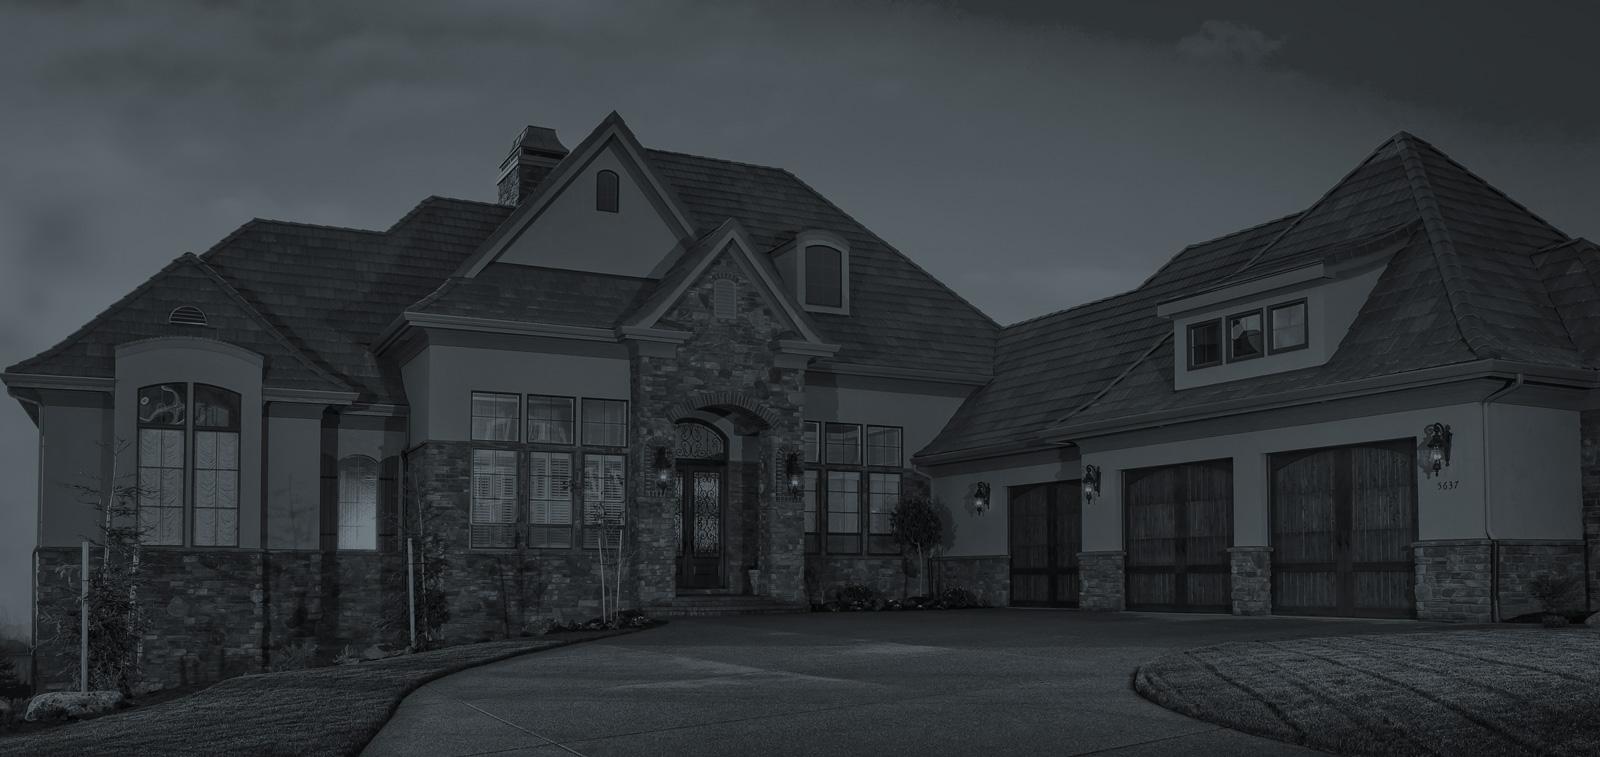 Best Custom Home Builders in Oregon by Home Builder Digest